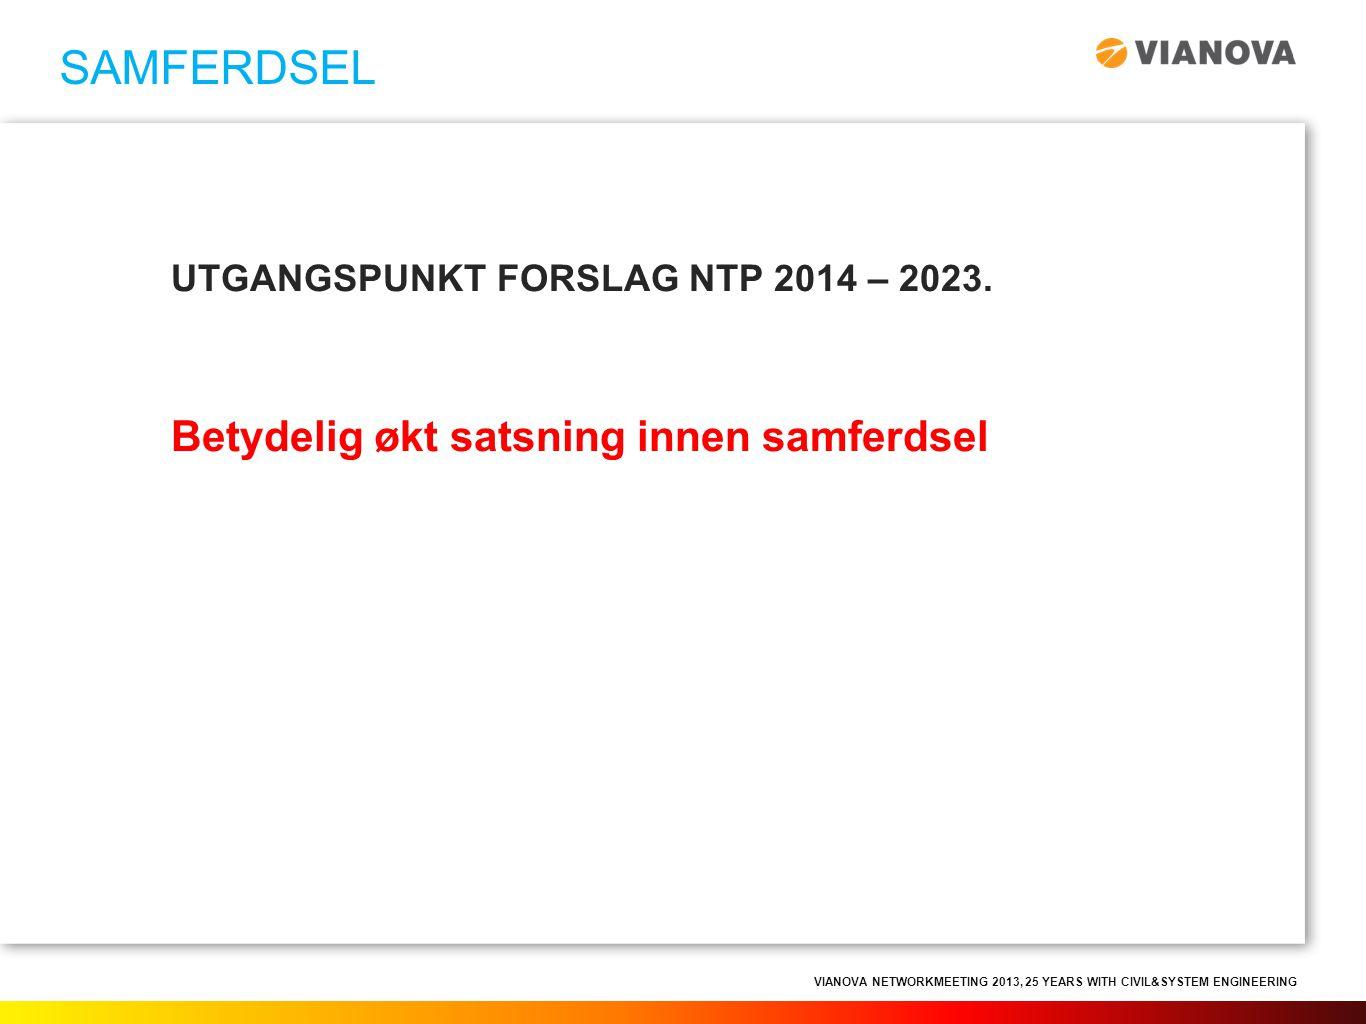 SAMFERDSEL UTGANGSPUNKT FORSLAG NTP 2014 – 2023. Betydelig økt satsning innen samferdsel